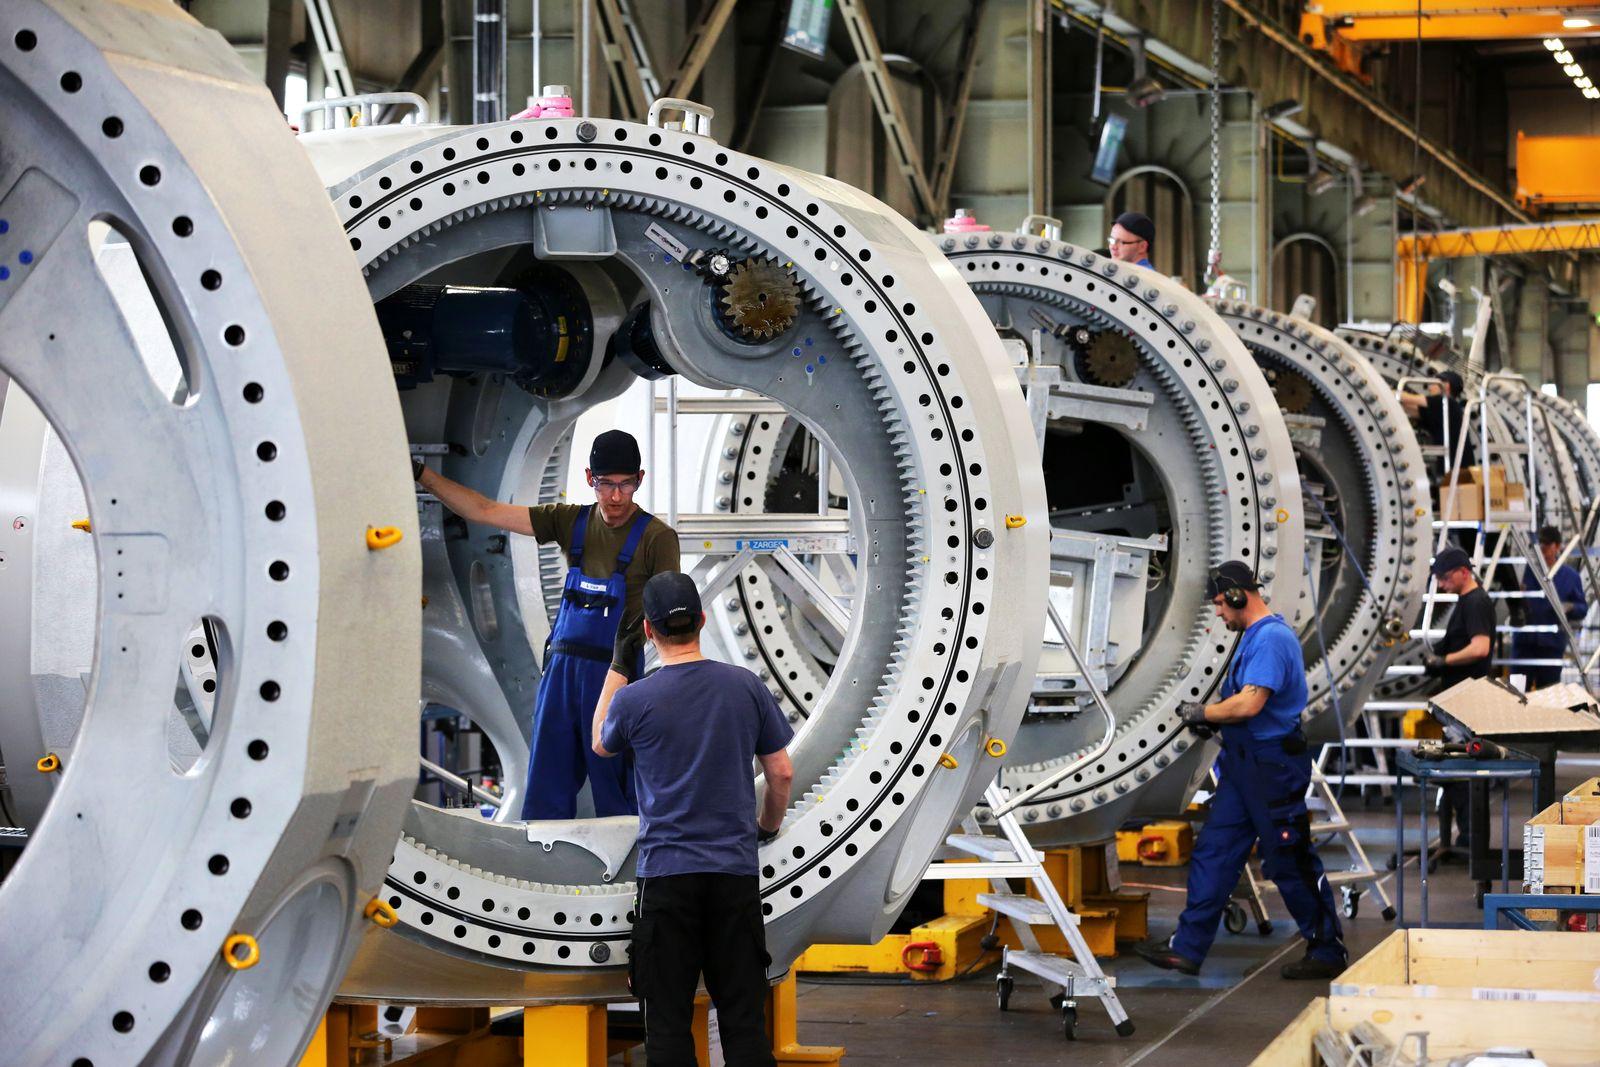 Deutschland / Wirtschaft / Konjunktur / Maschinenbau / Bruttoinlandsprodukt